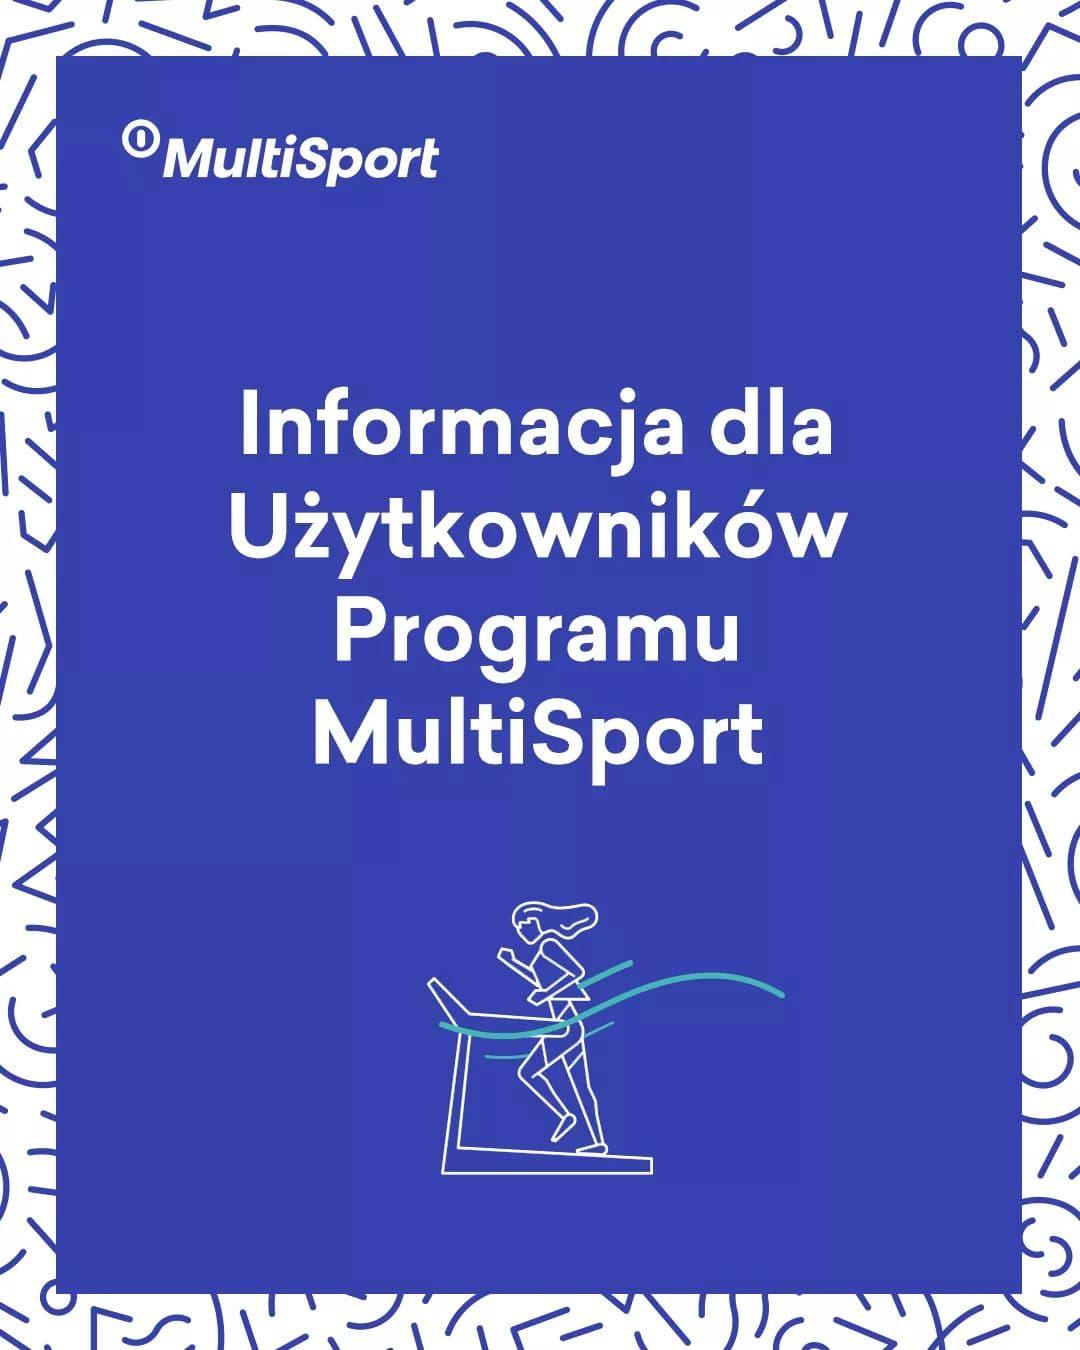 Multisport ponownie aktywny